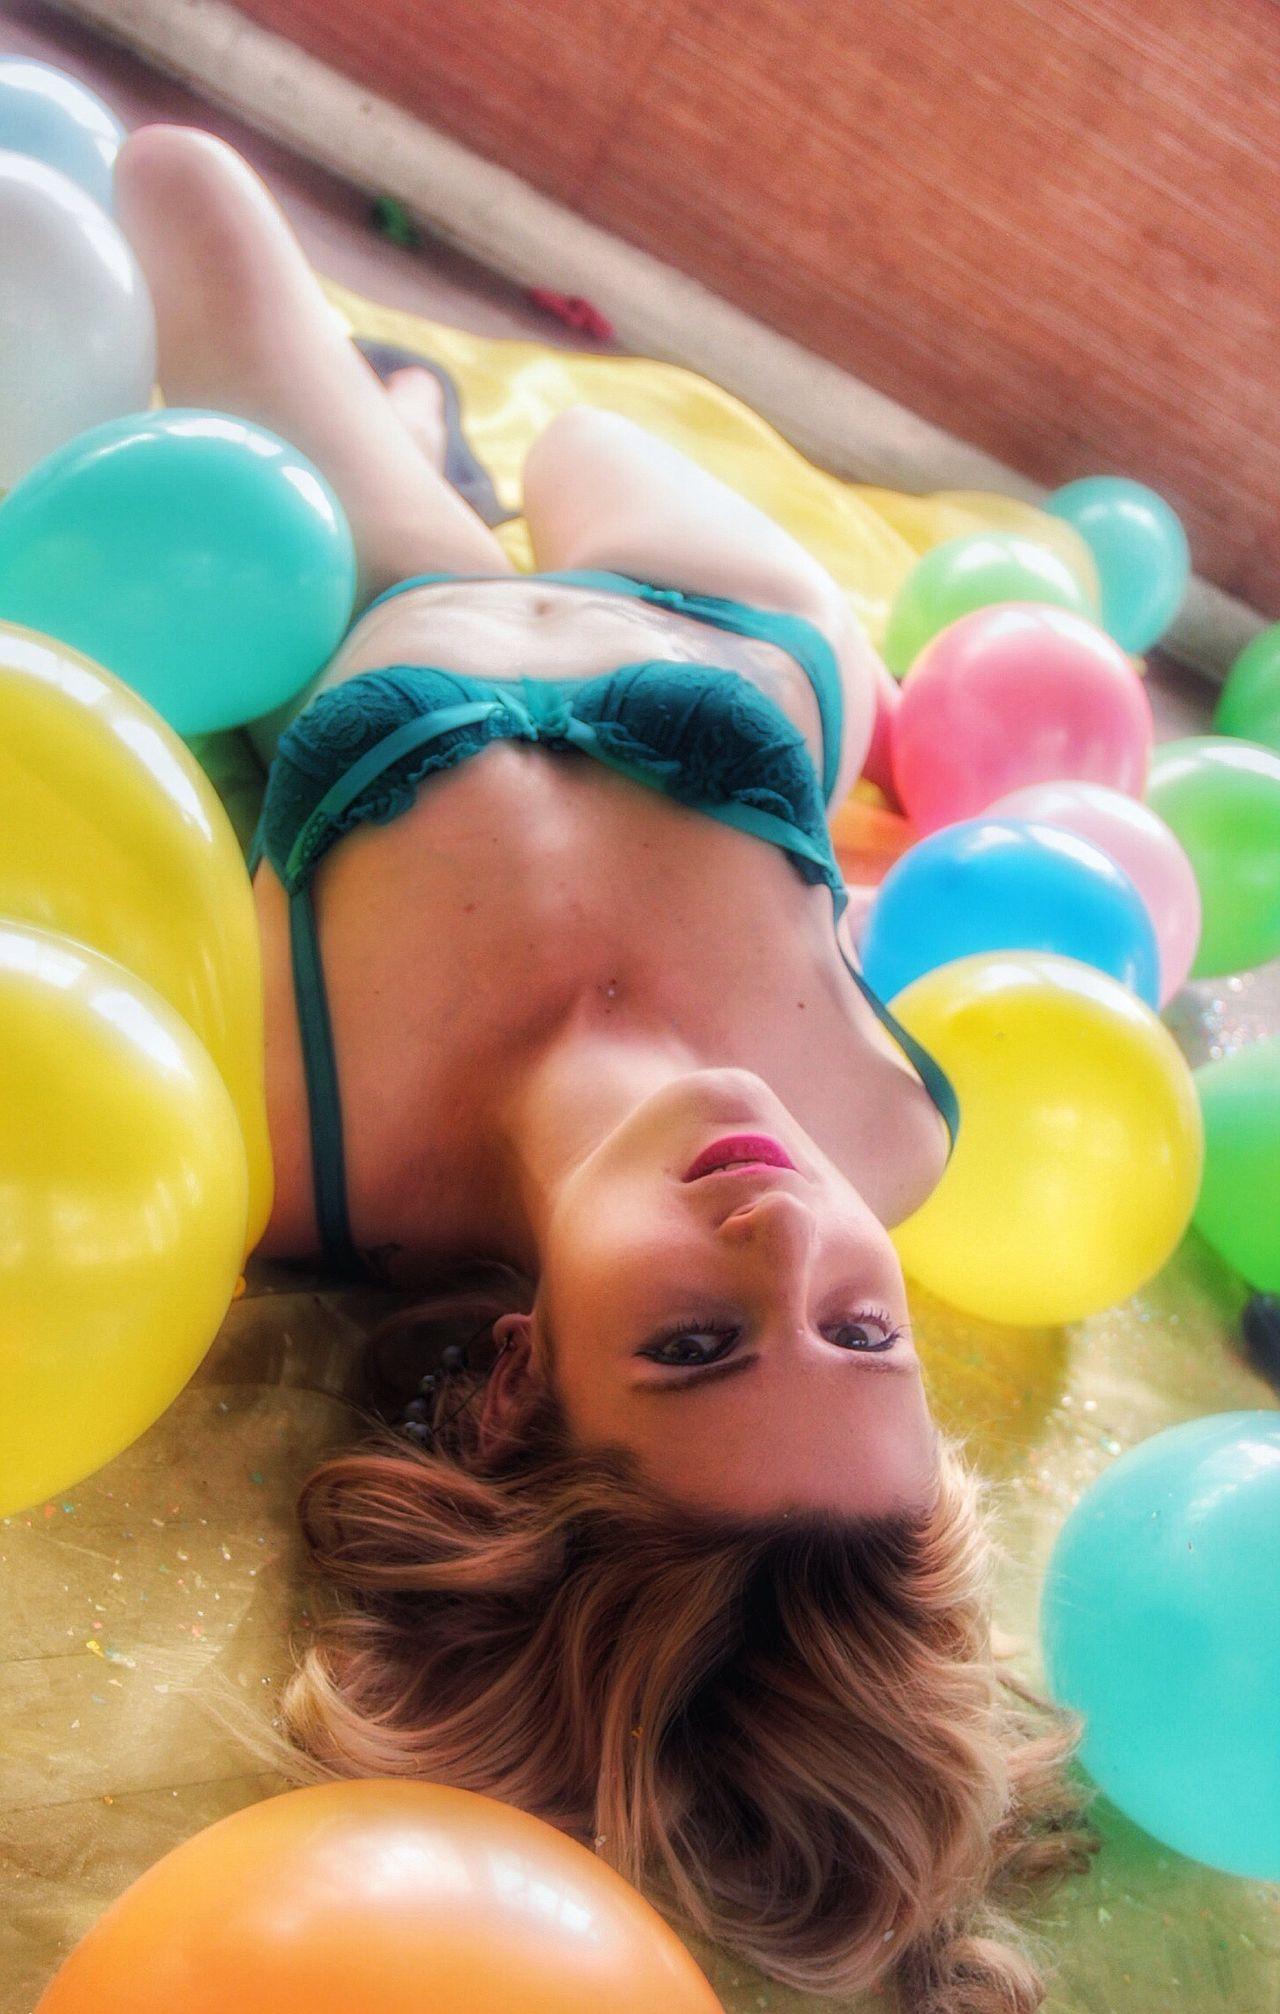 La chica de los globos Momento De Ocio Ganjareta Globos Colores Shooting Mirada Inocente Globos De Colores T2irebel Confetti Lenceria